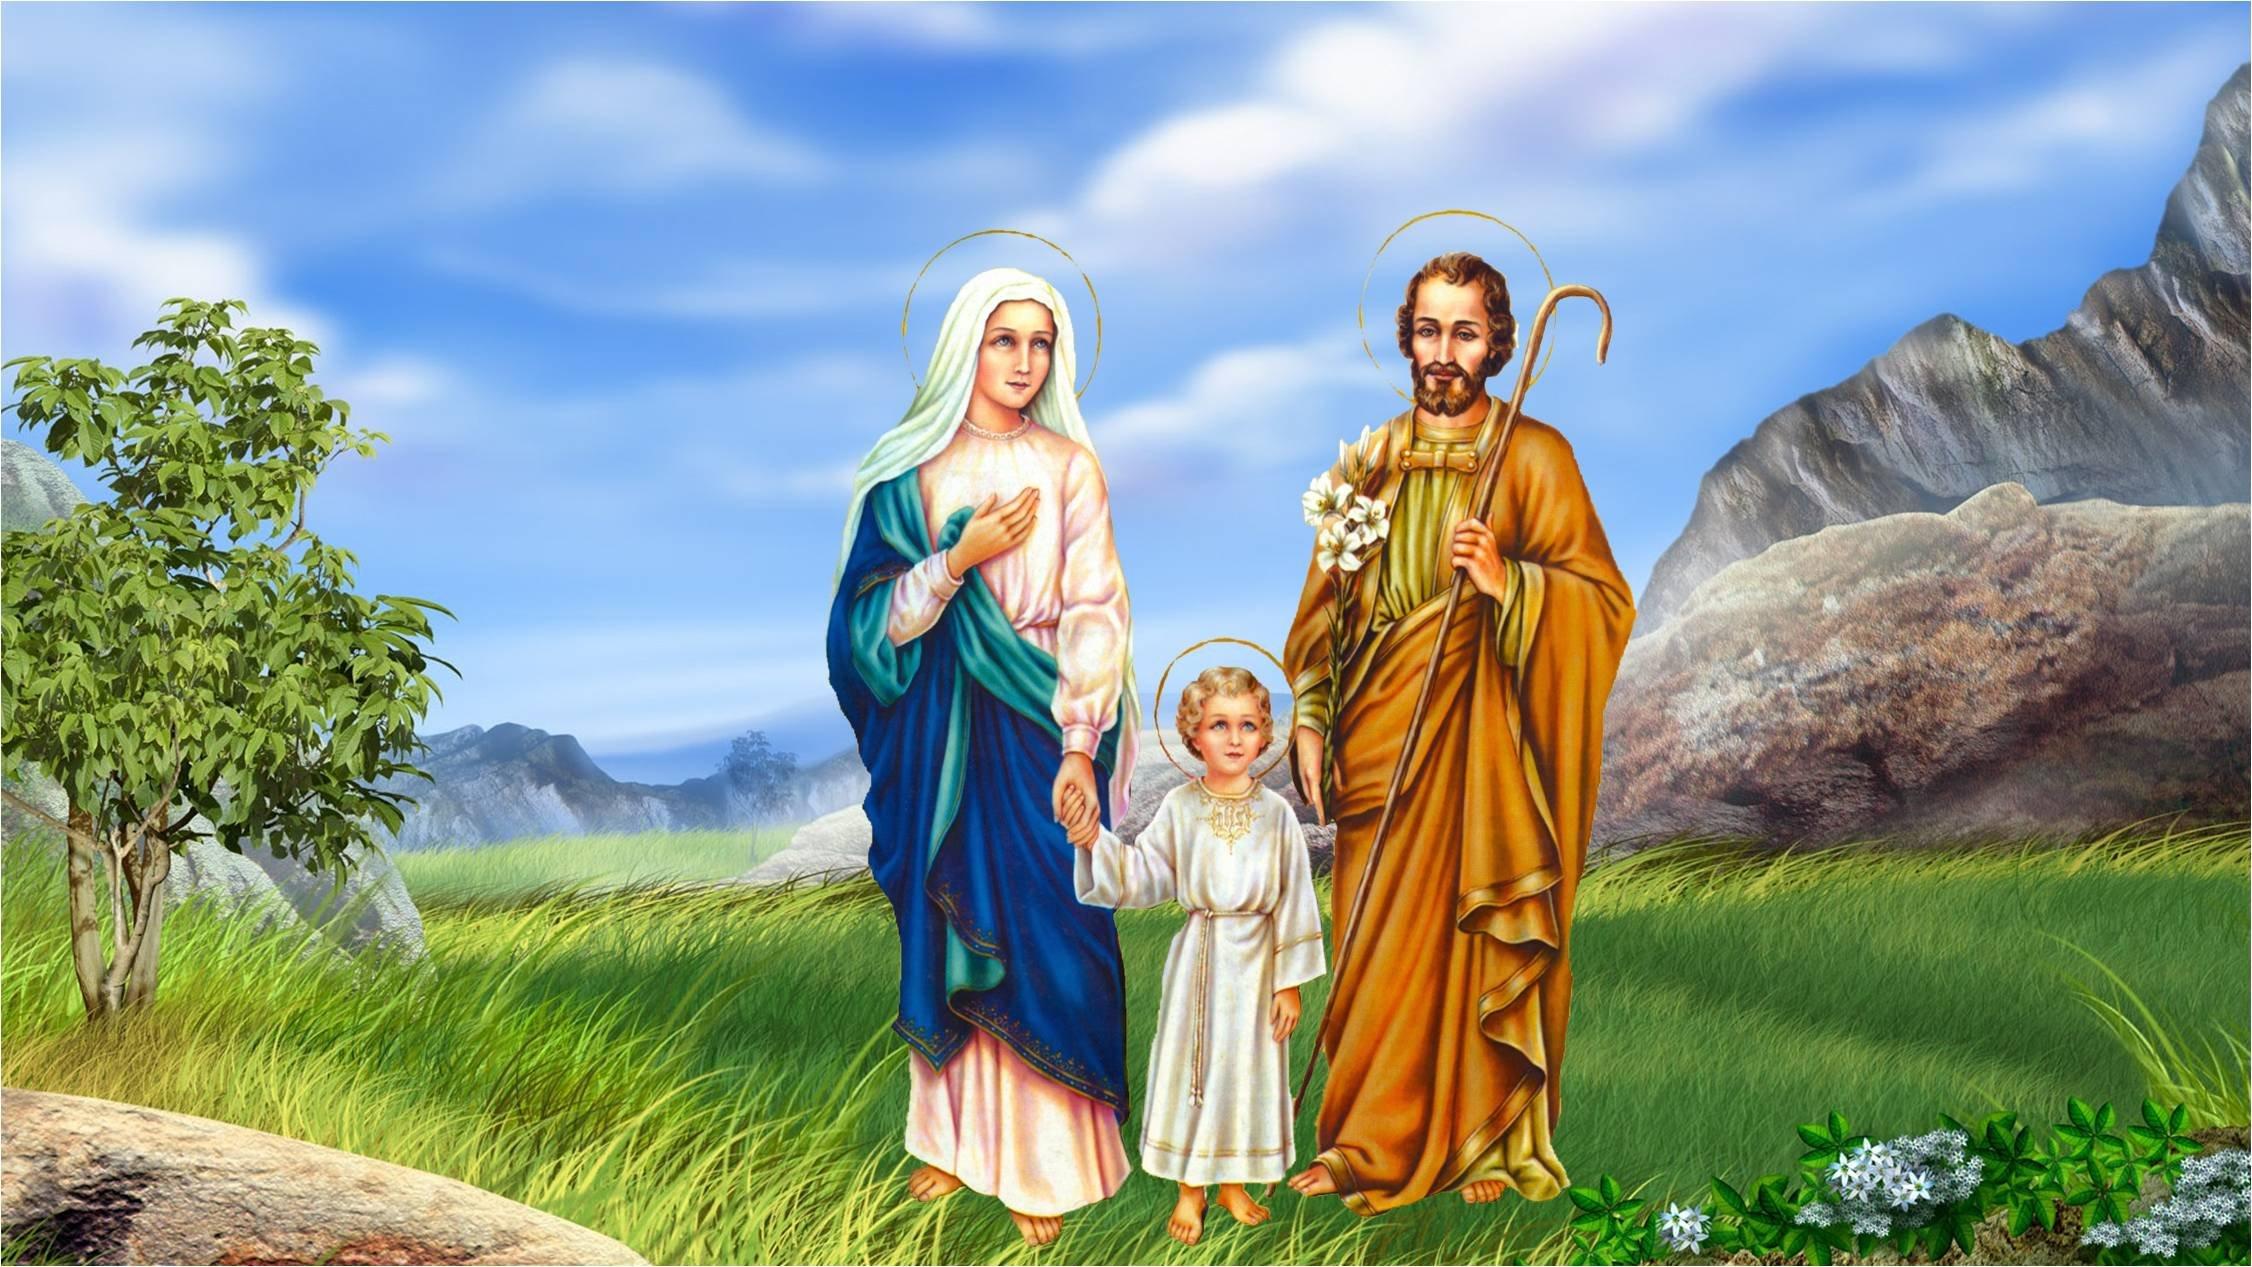 иосиф отец иисуса картинки того